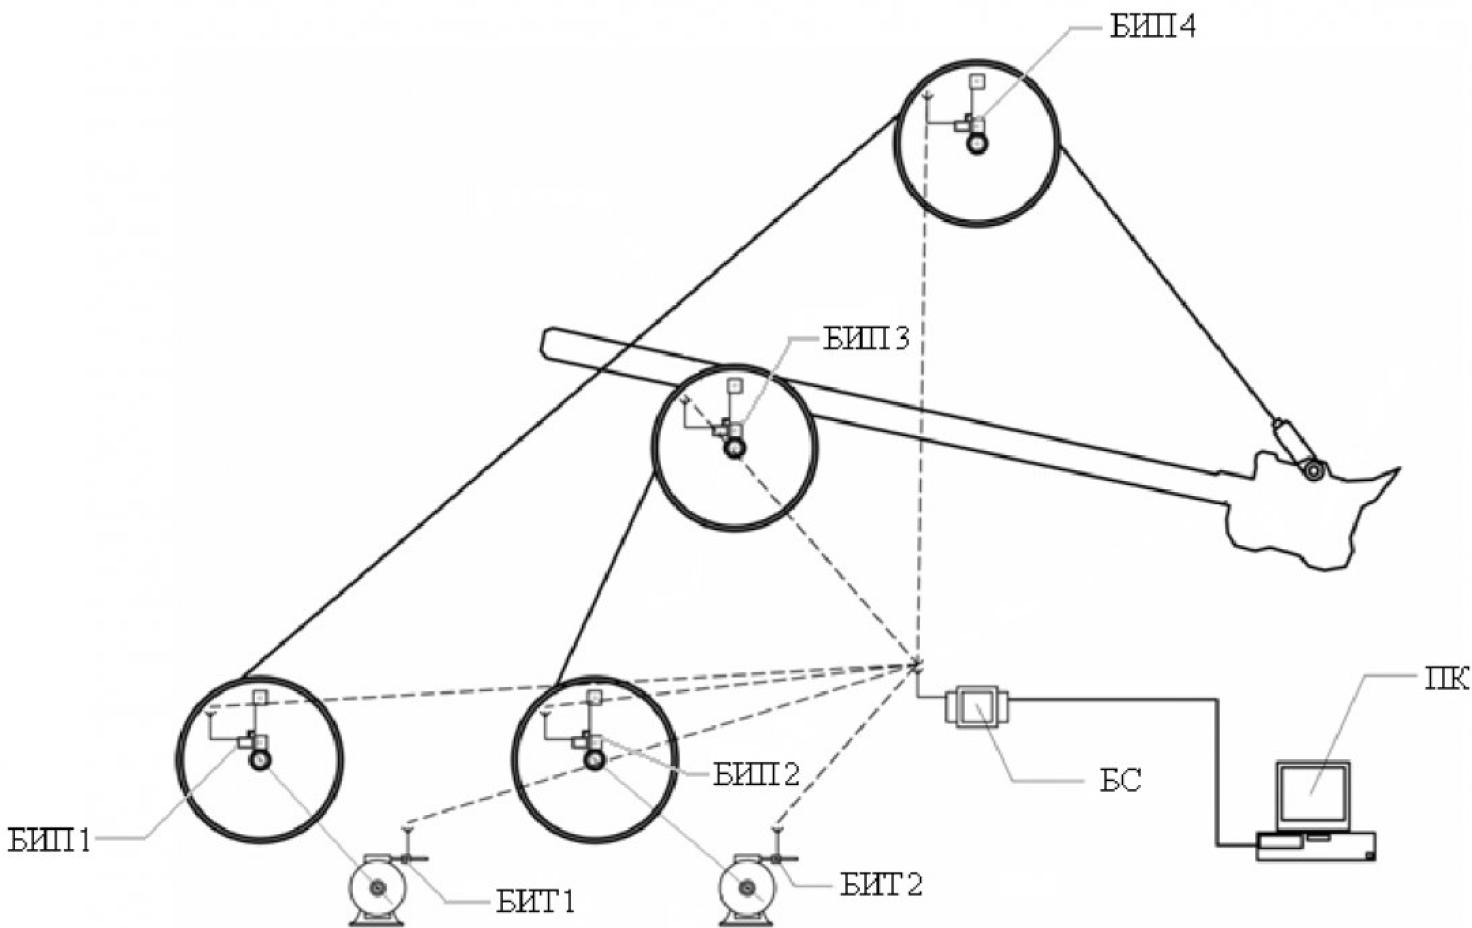 Система мониторинга динамического состояния электроприводов карьерных экскаваторов 2